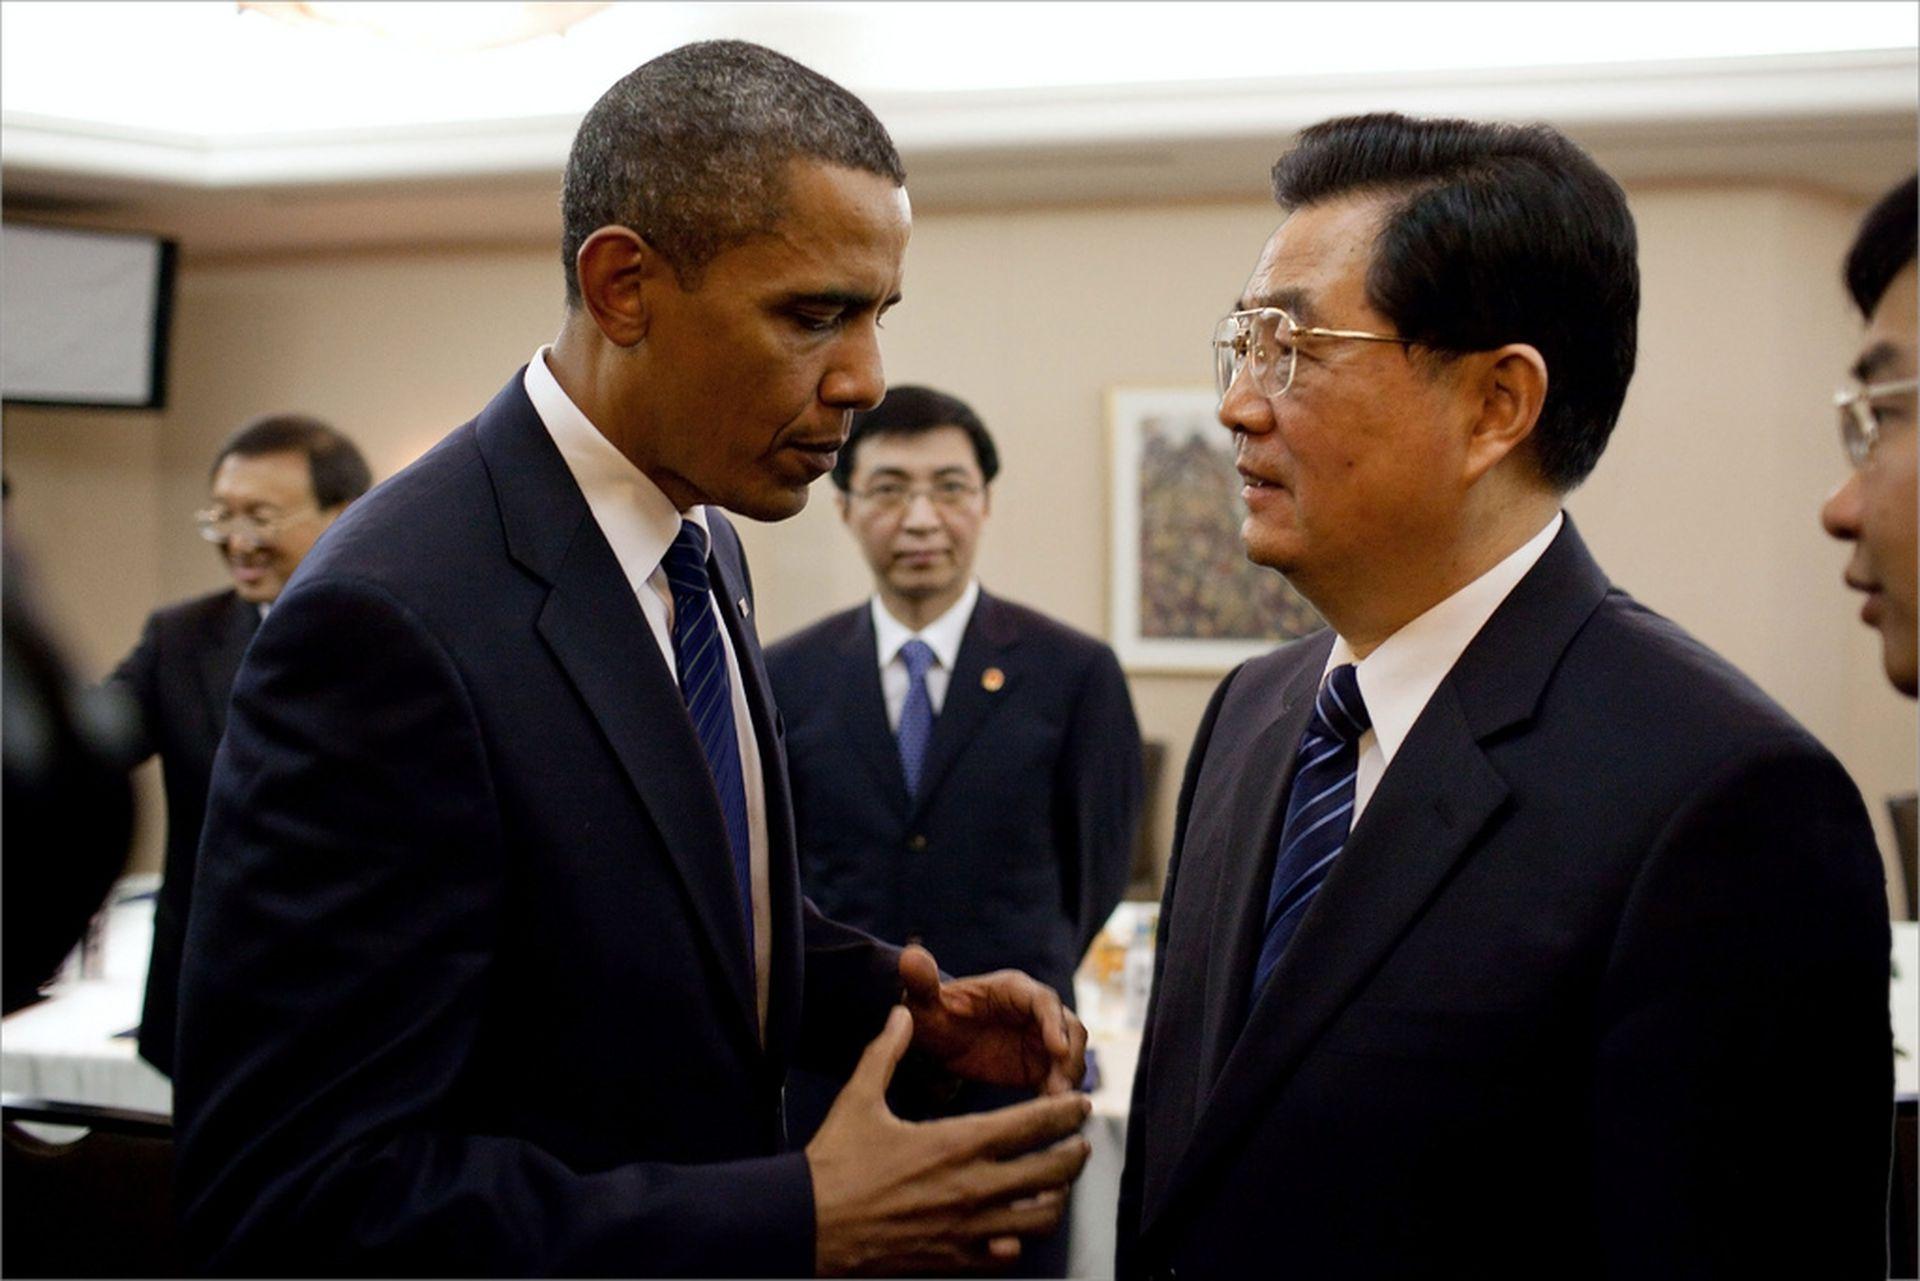 奥巴马新书大揭内幕 对胡温评价差异竟这么大